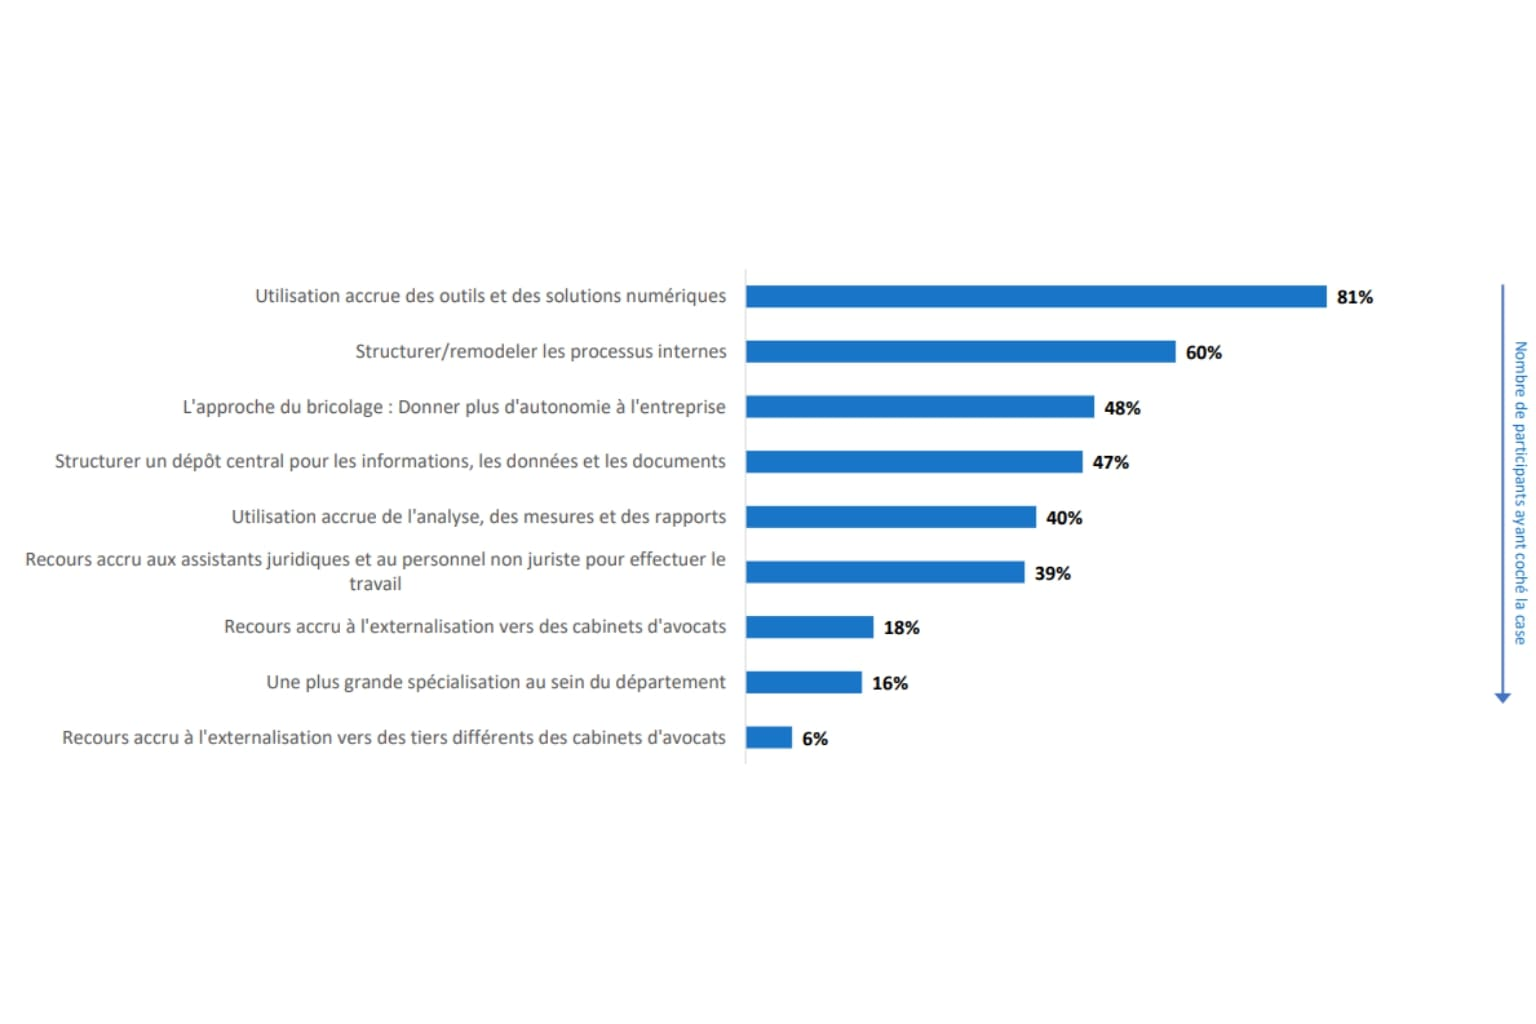 Un besoin croissant d'utilisation des outils numériques